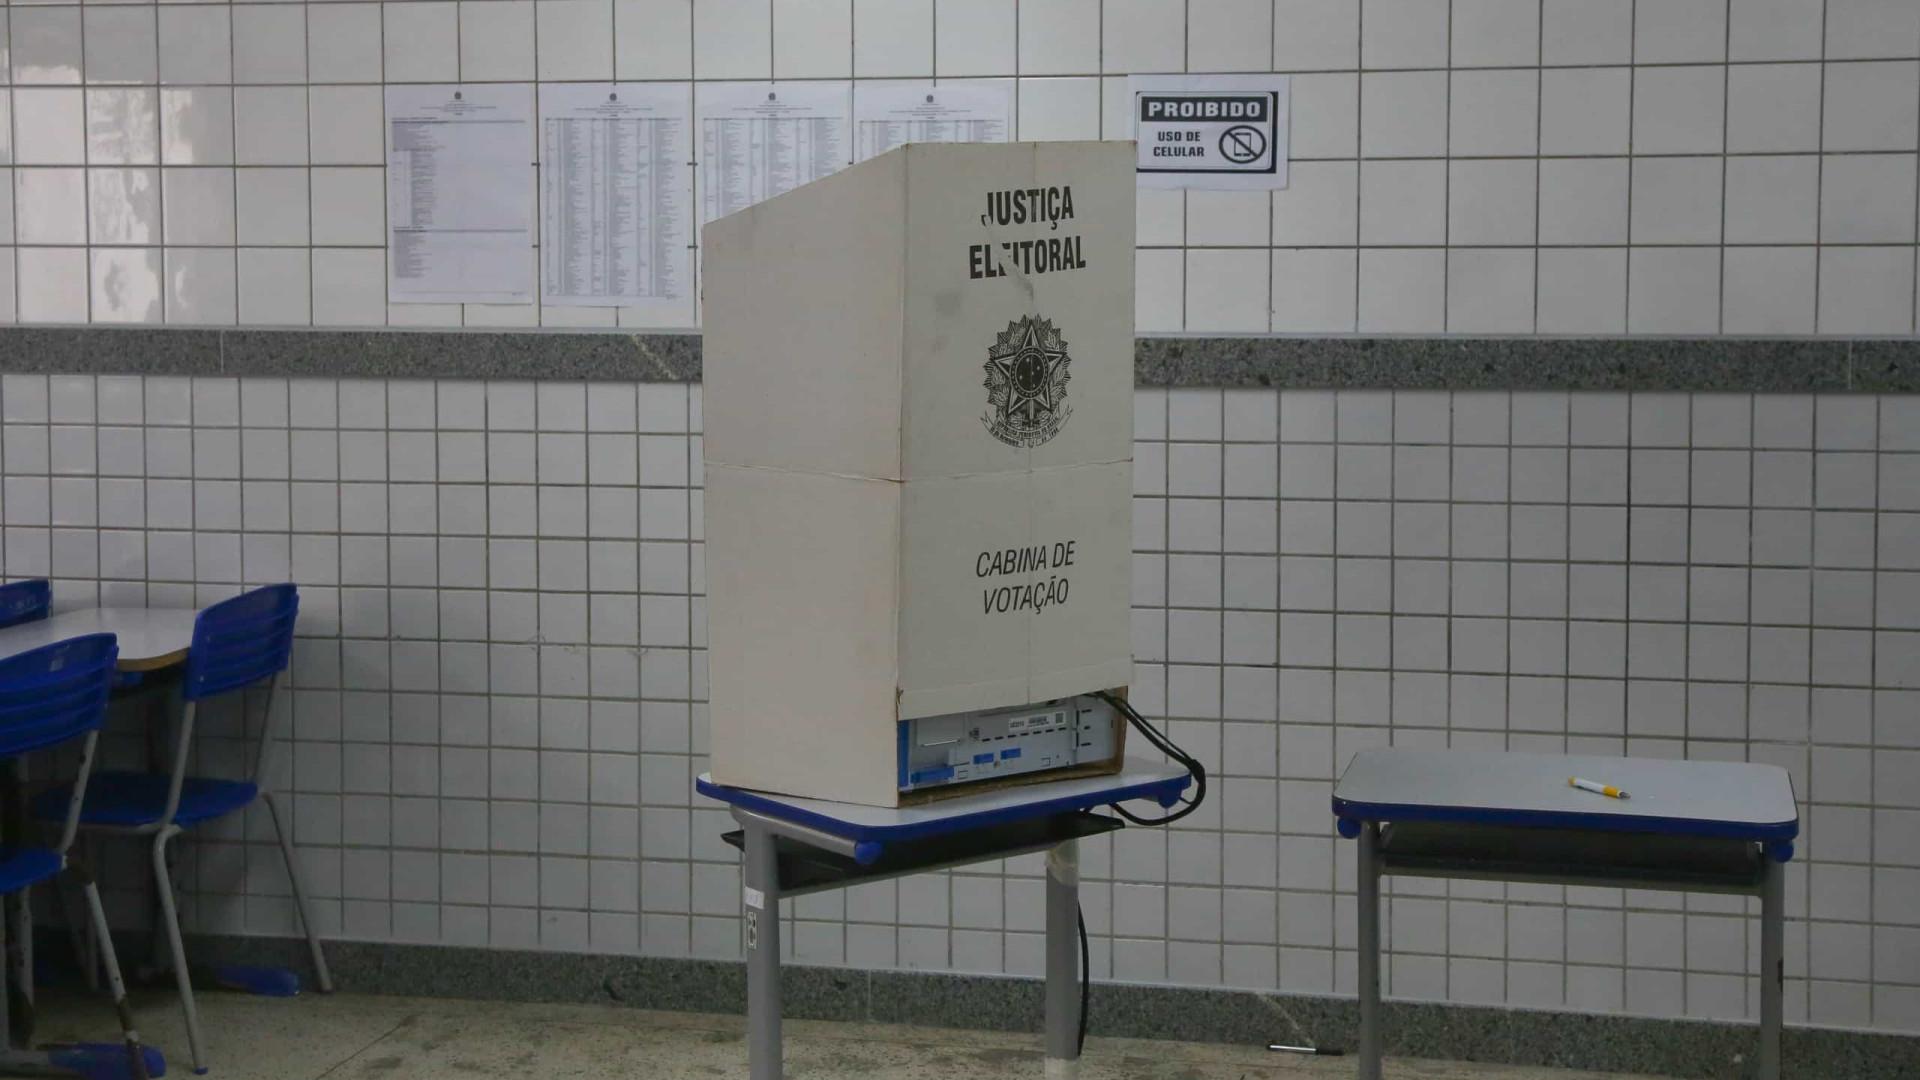 Mulheres são maioria entre candidatos que não registraram voto